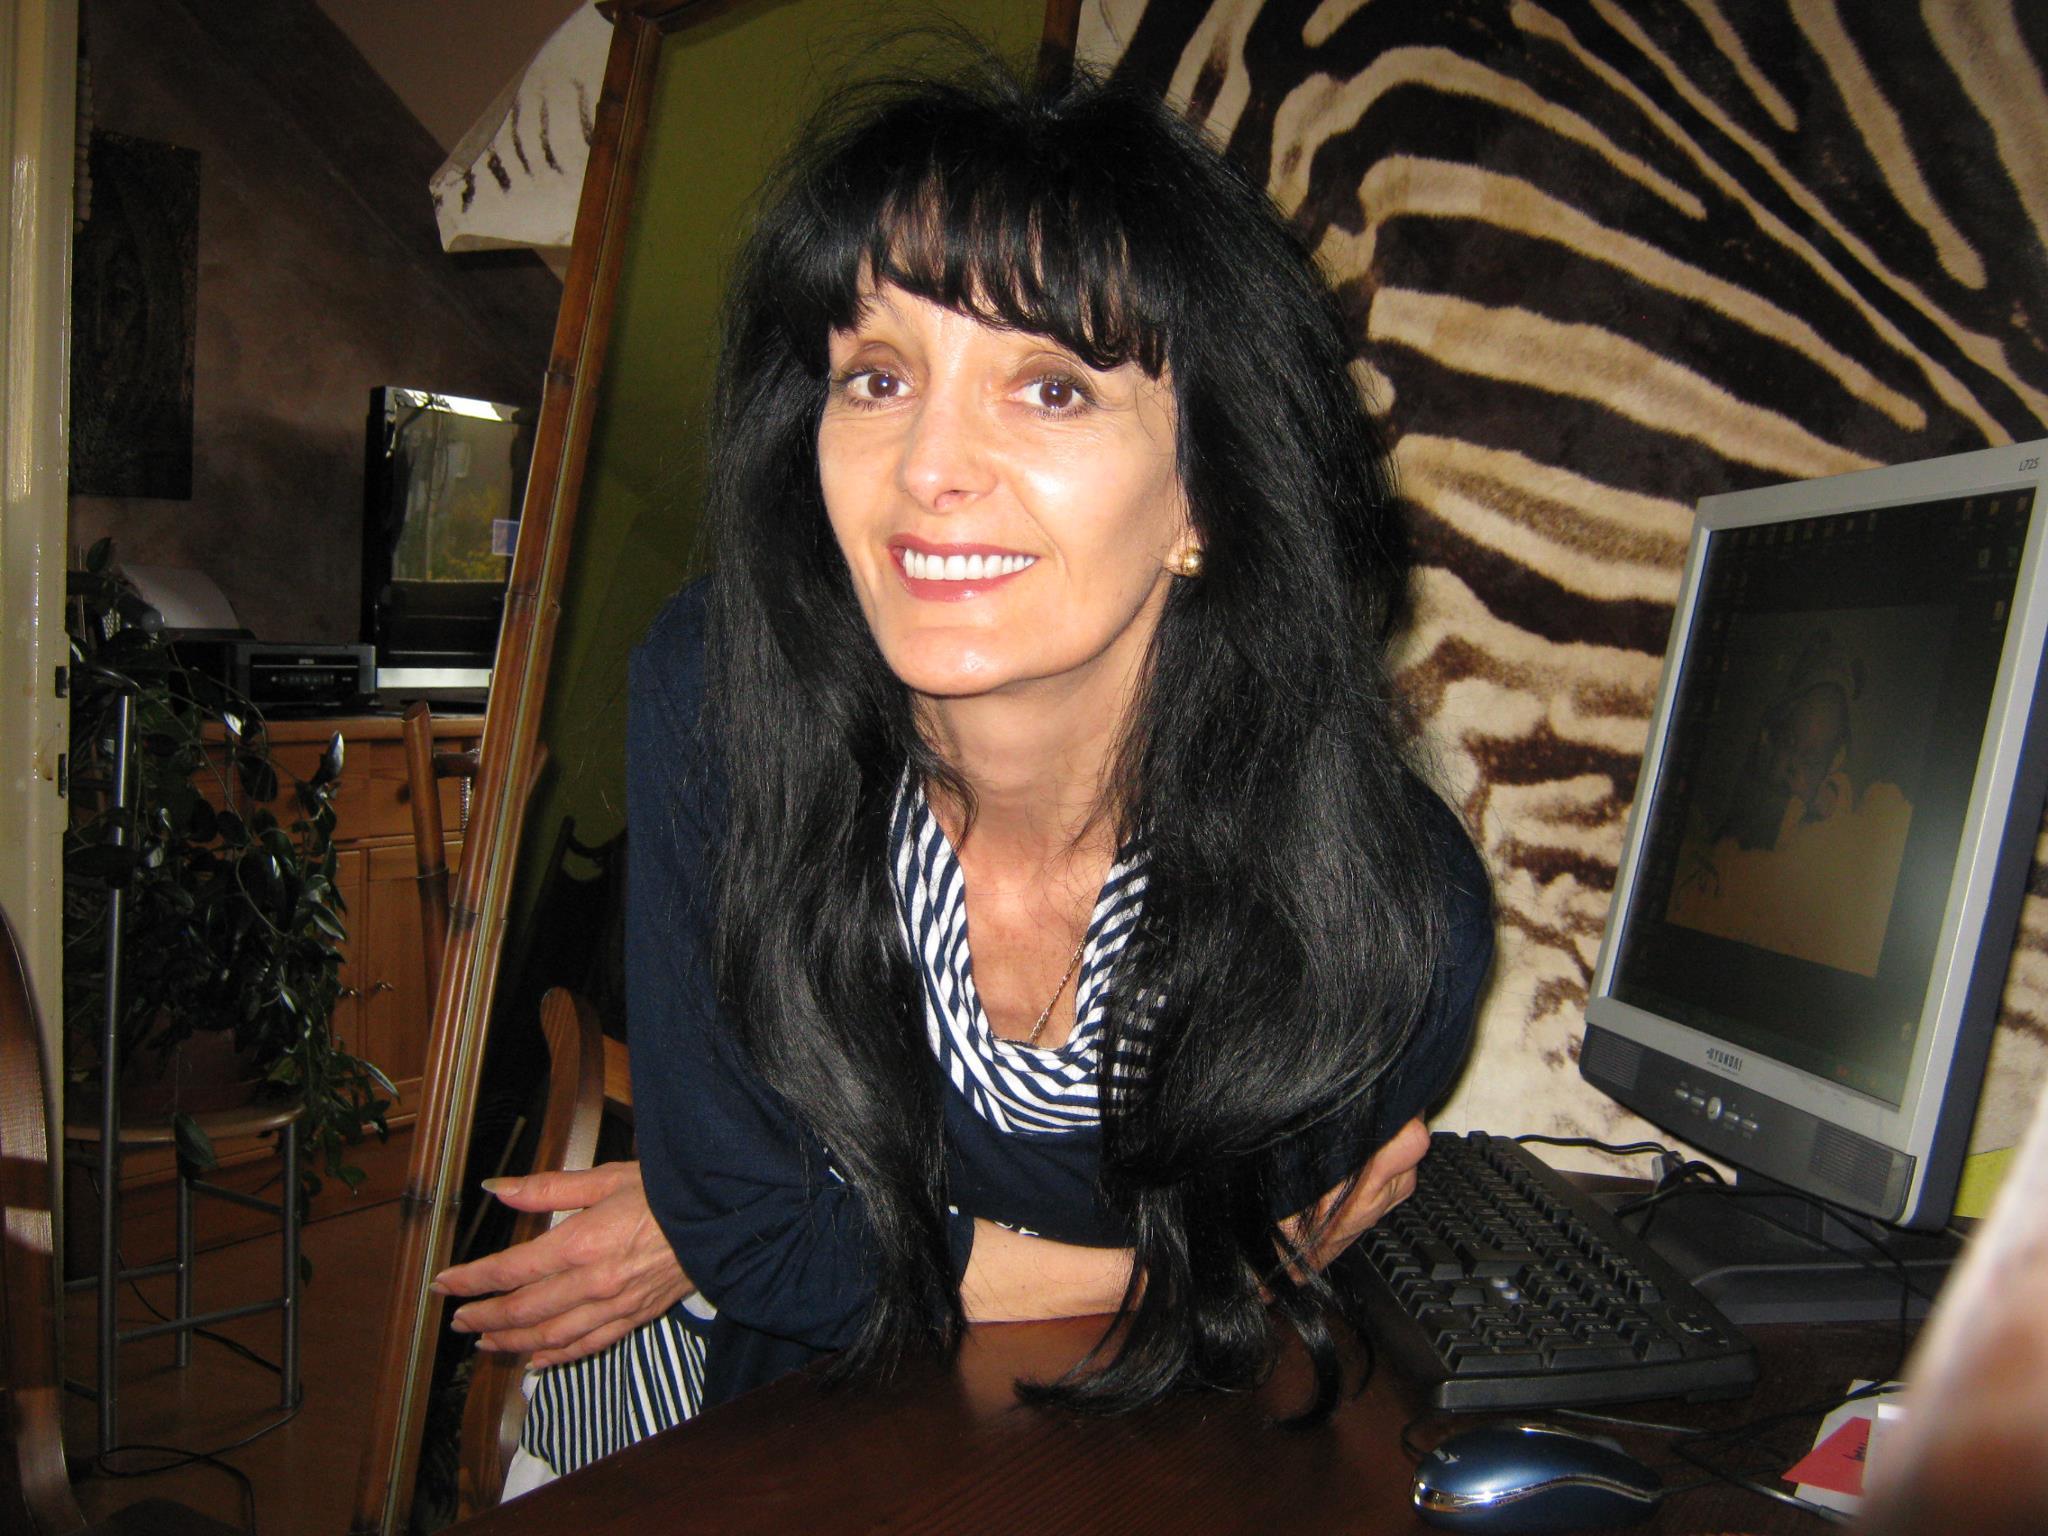 Mira Anna Barsa